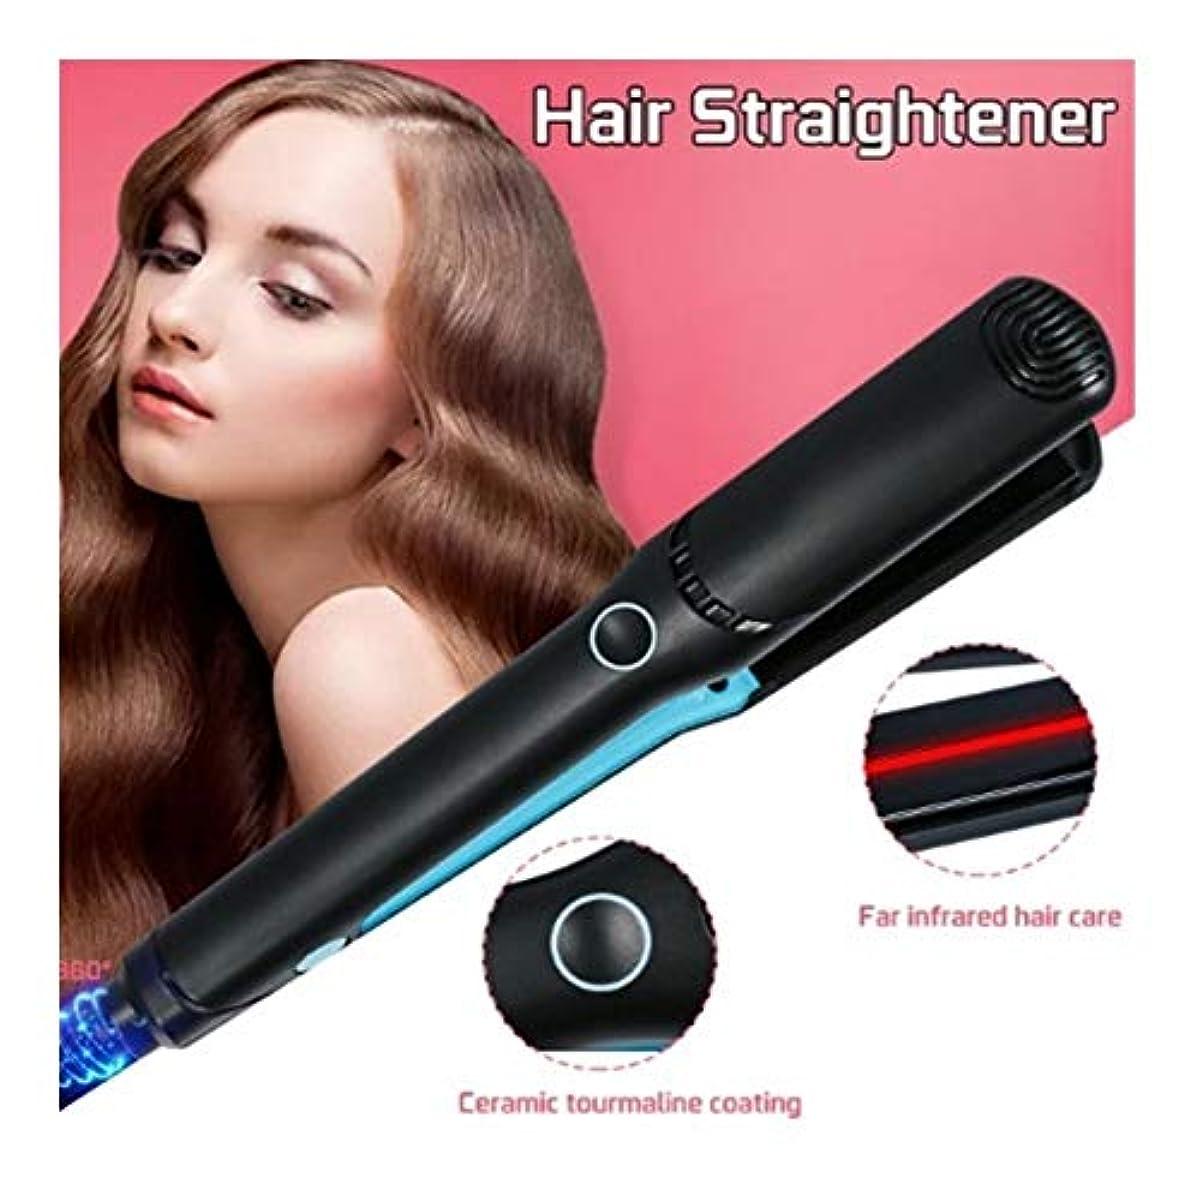 受け取る眉をひそめる鉛筆CQQ プロのヘアストレイテナーフラットアイアン多機能セラミックヘアカーラーストレートアイロンサロンスタイリングツール